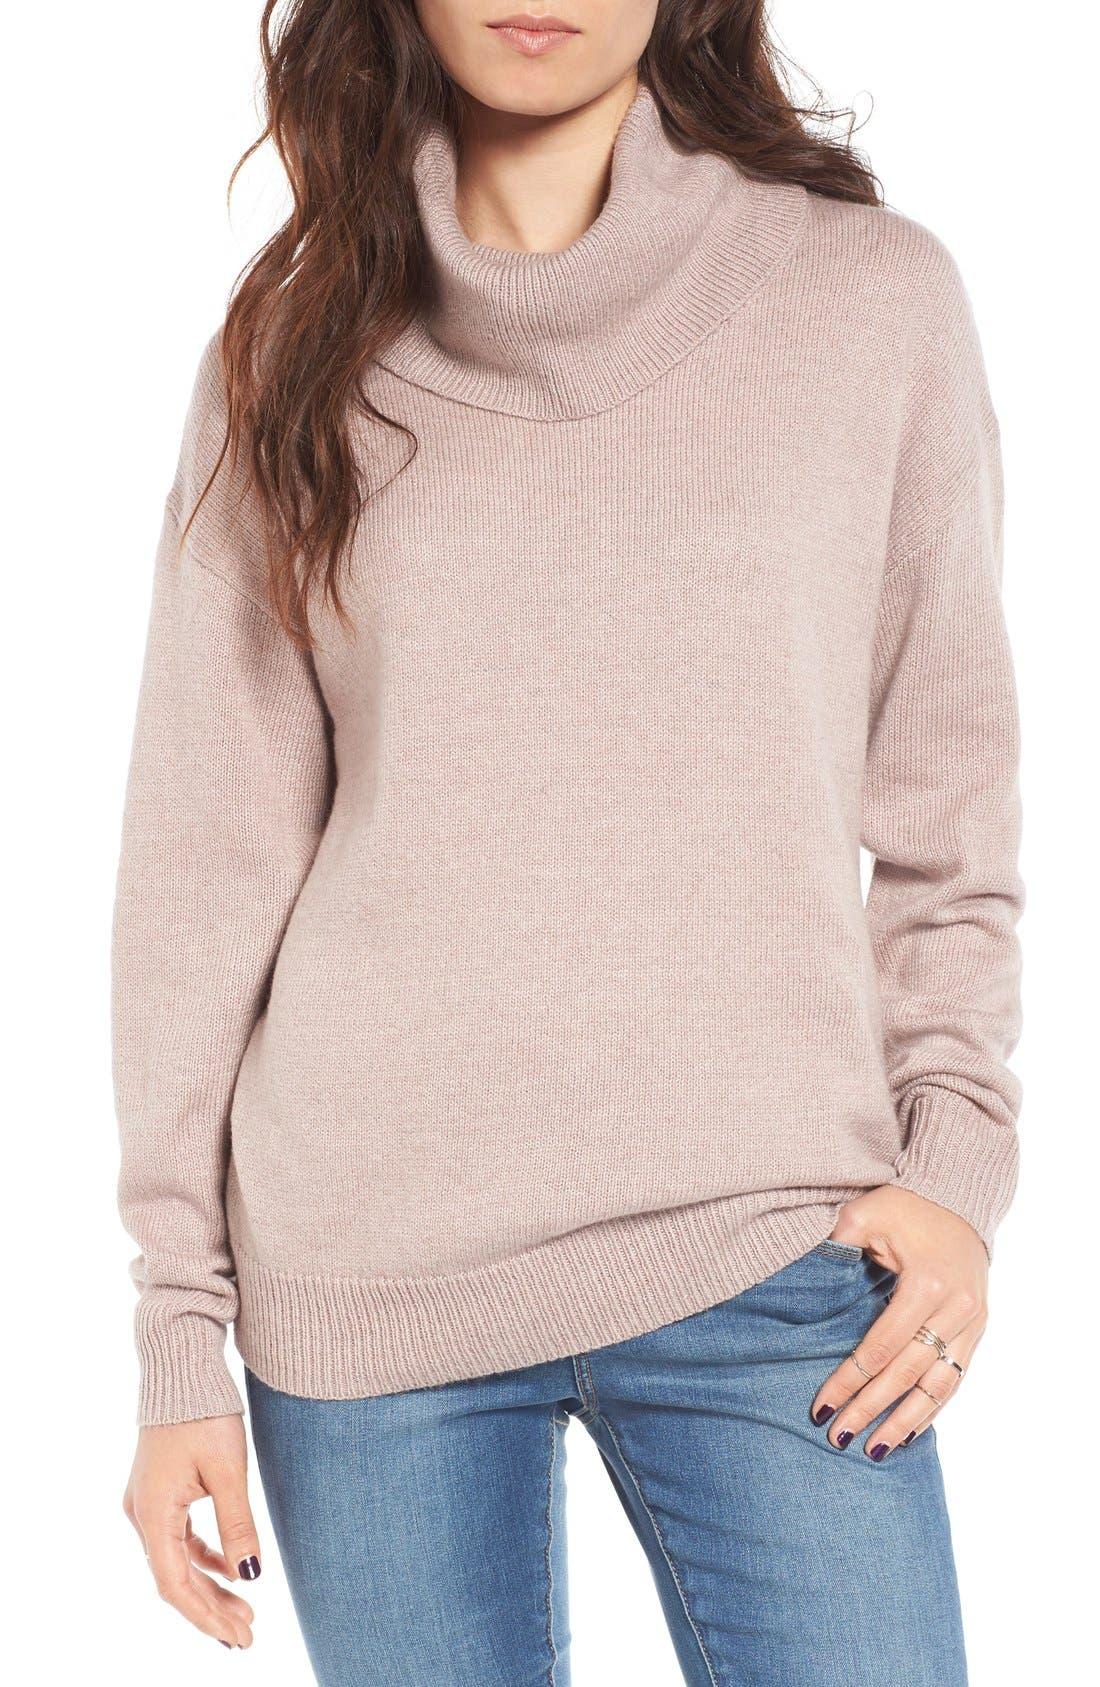 Main Image - BP. Turtleneck Sweater